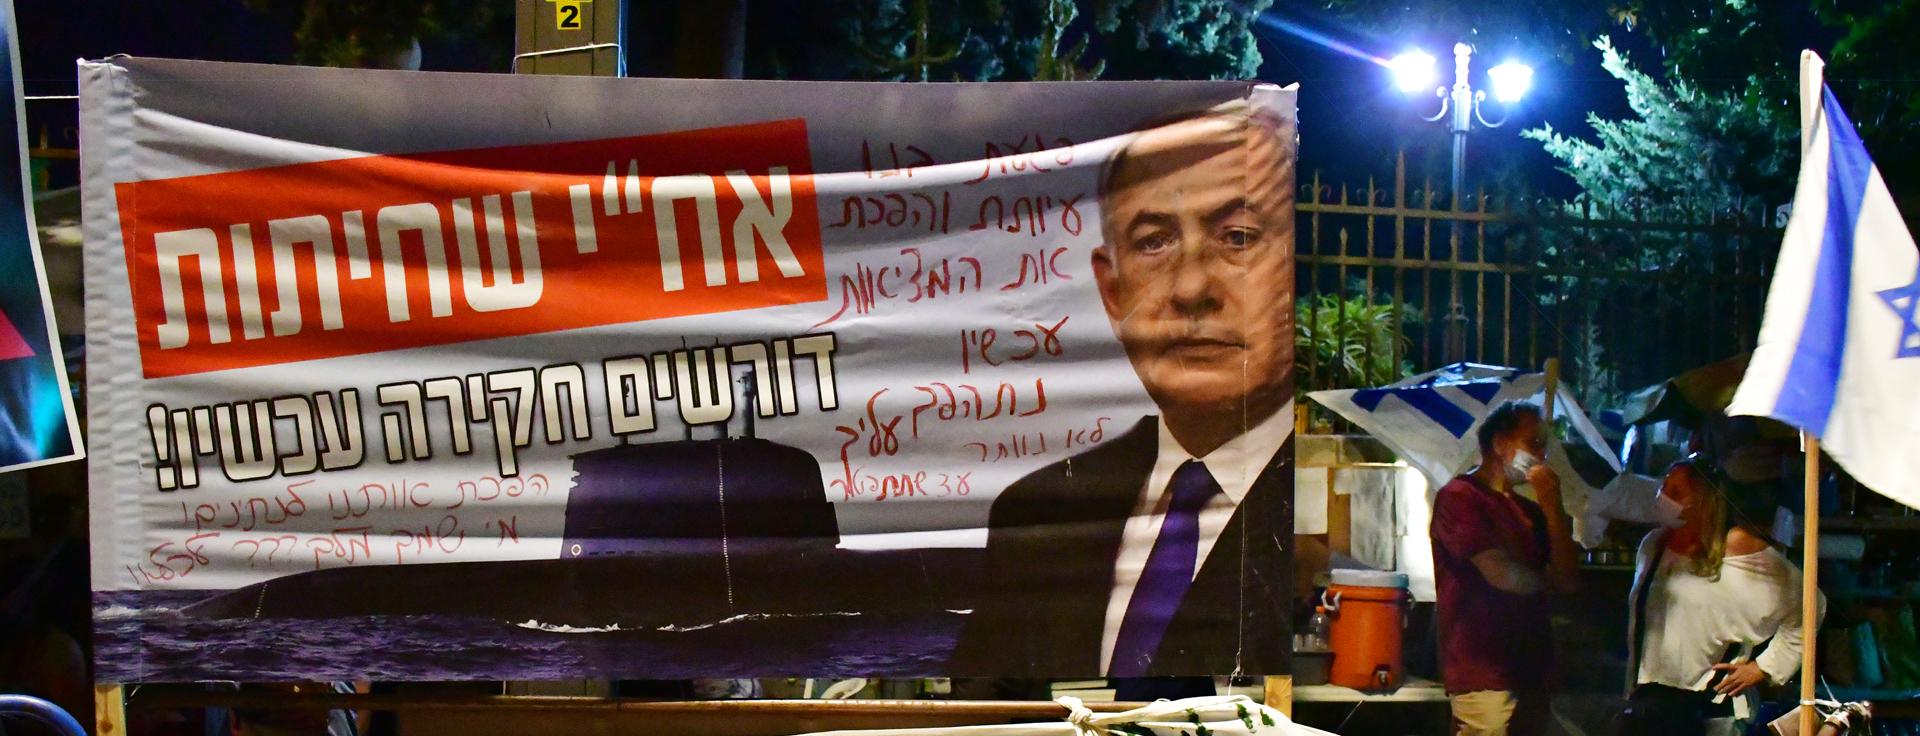 צדק לעם - בלפור 2020- יואל שתרוג - אדמה יוצרת - yoel sitruk